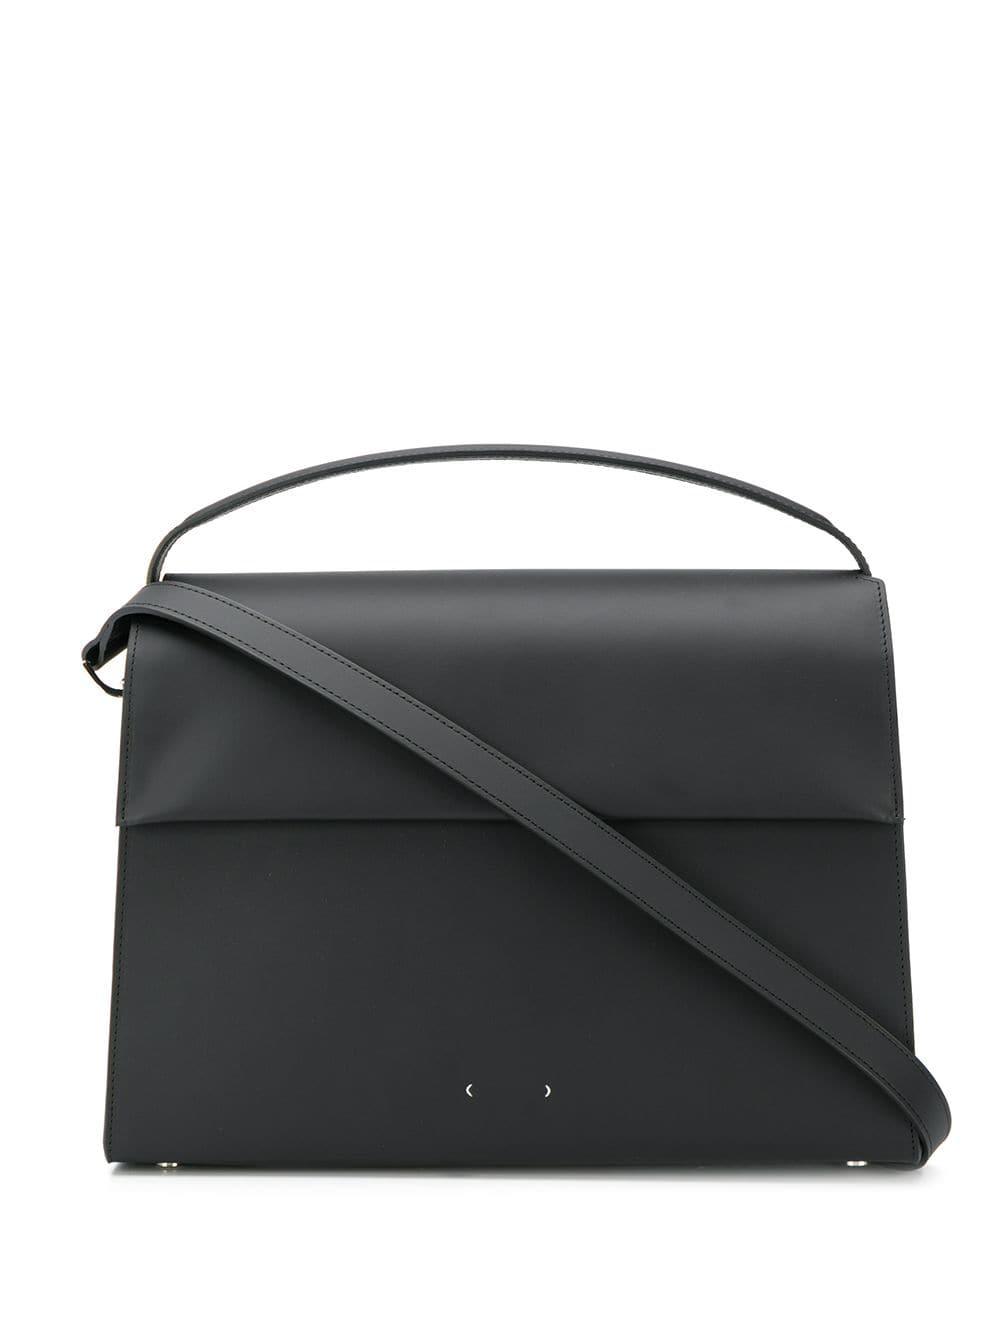 Pb 0110 Strukturierte Handtasche - Schwarz